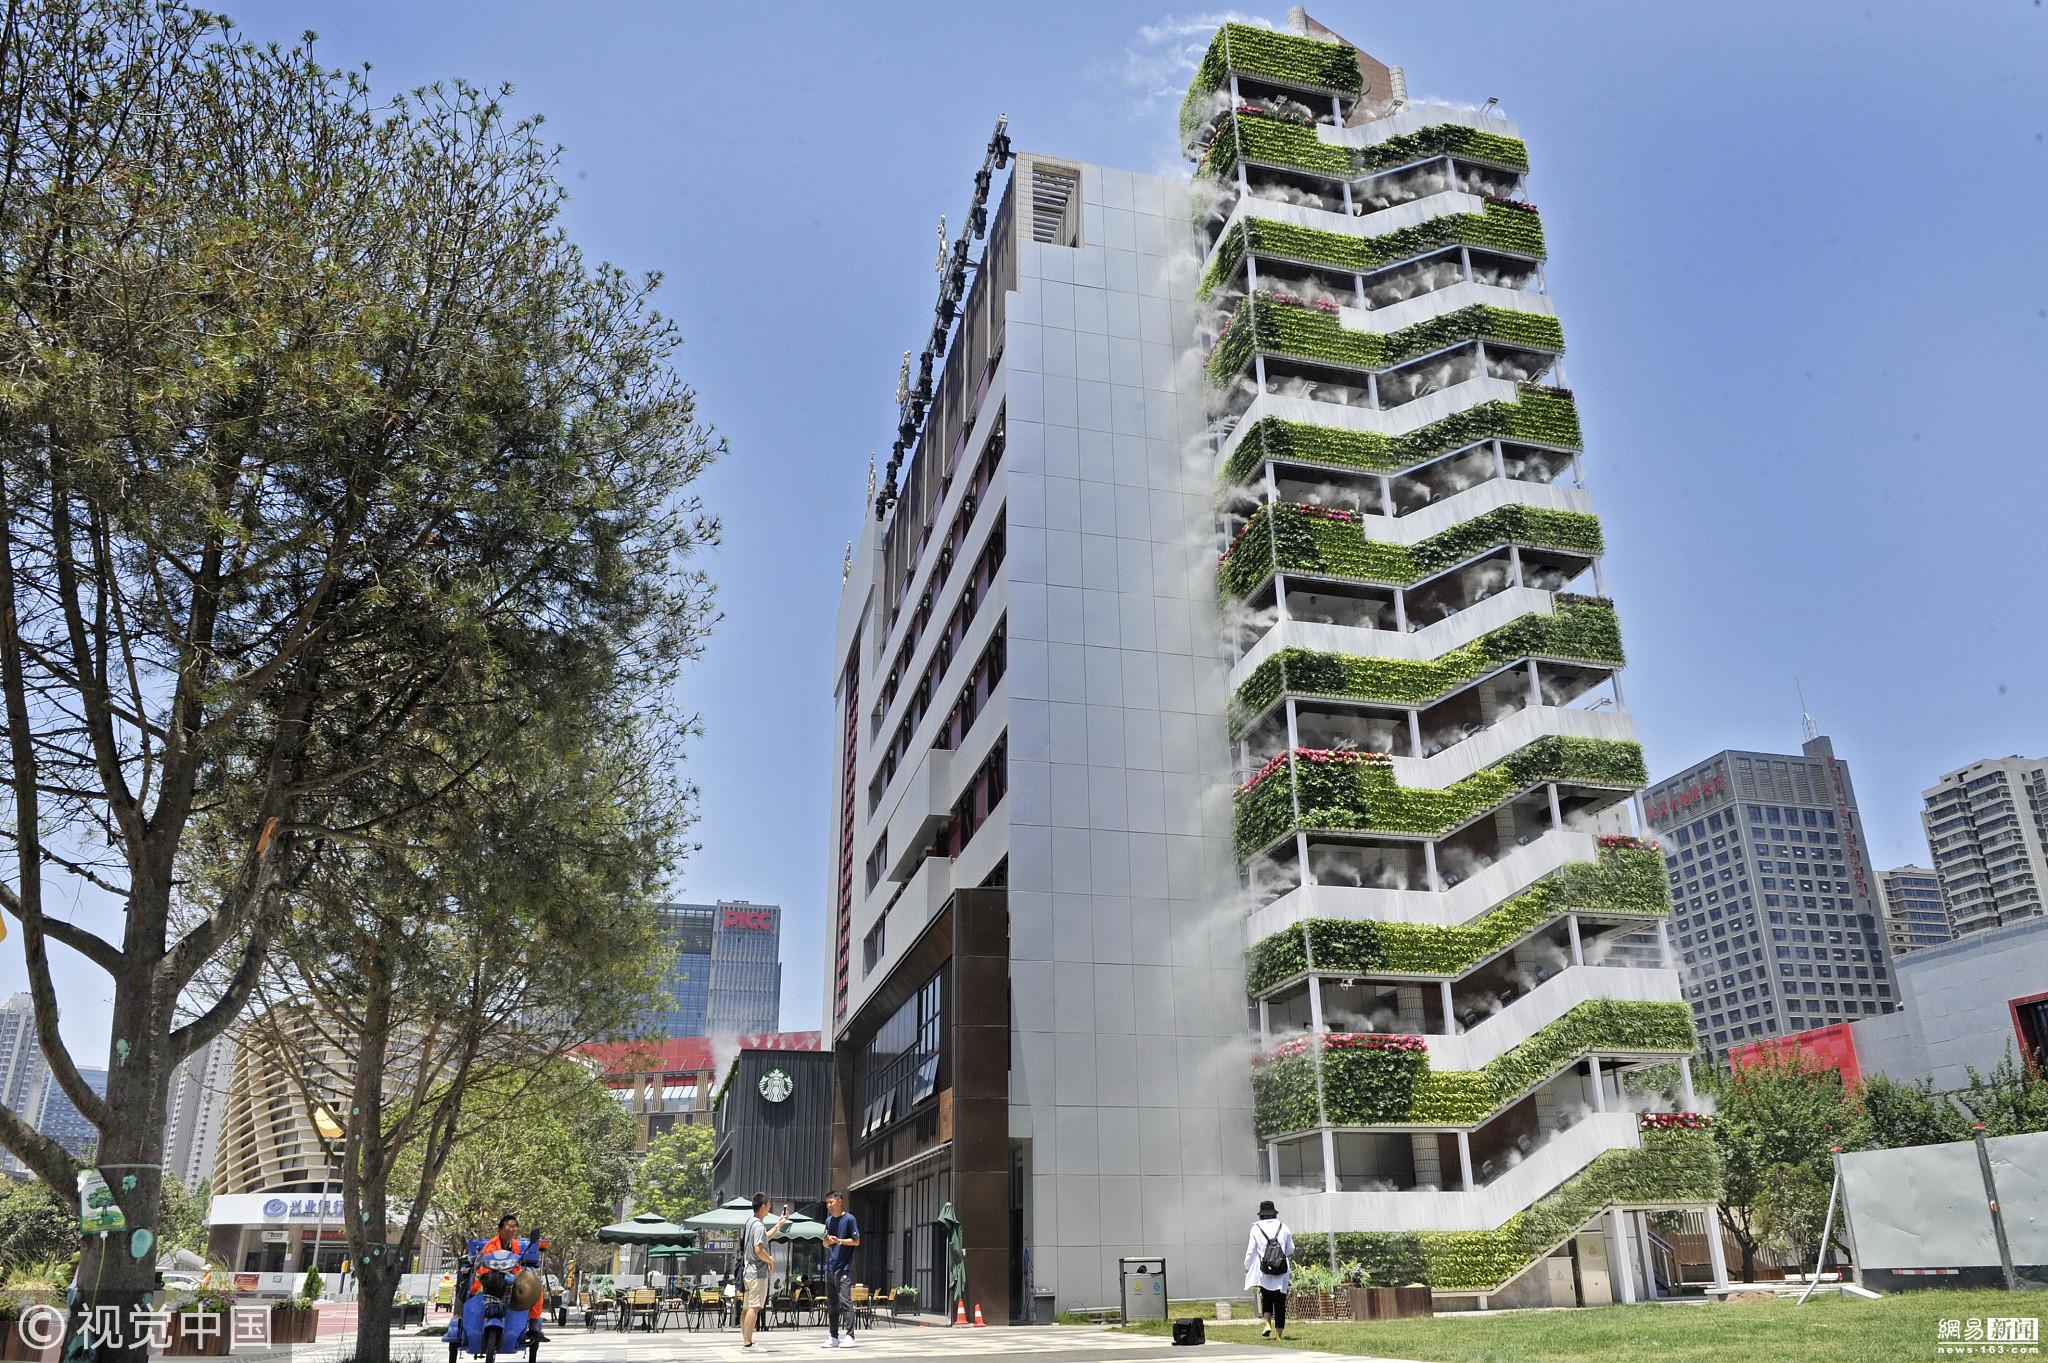 西安10层高楼成网红 垂直绿化仙气飘飘! - 周公乐 - xinhua8848 的博客